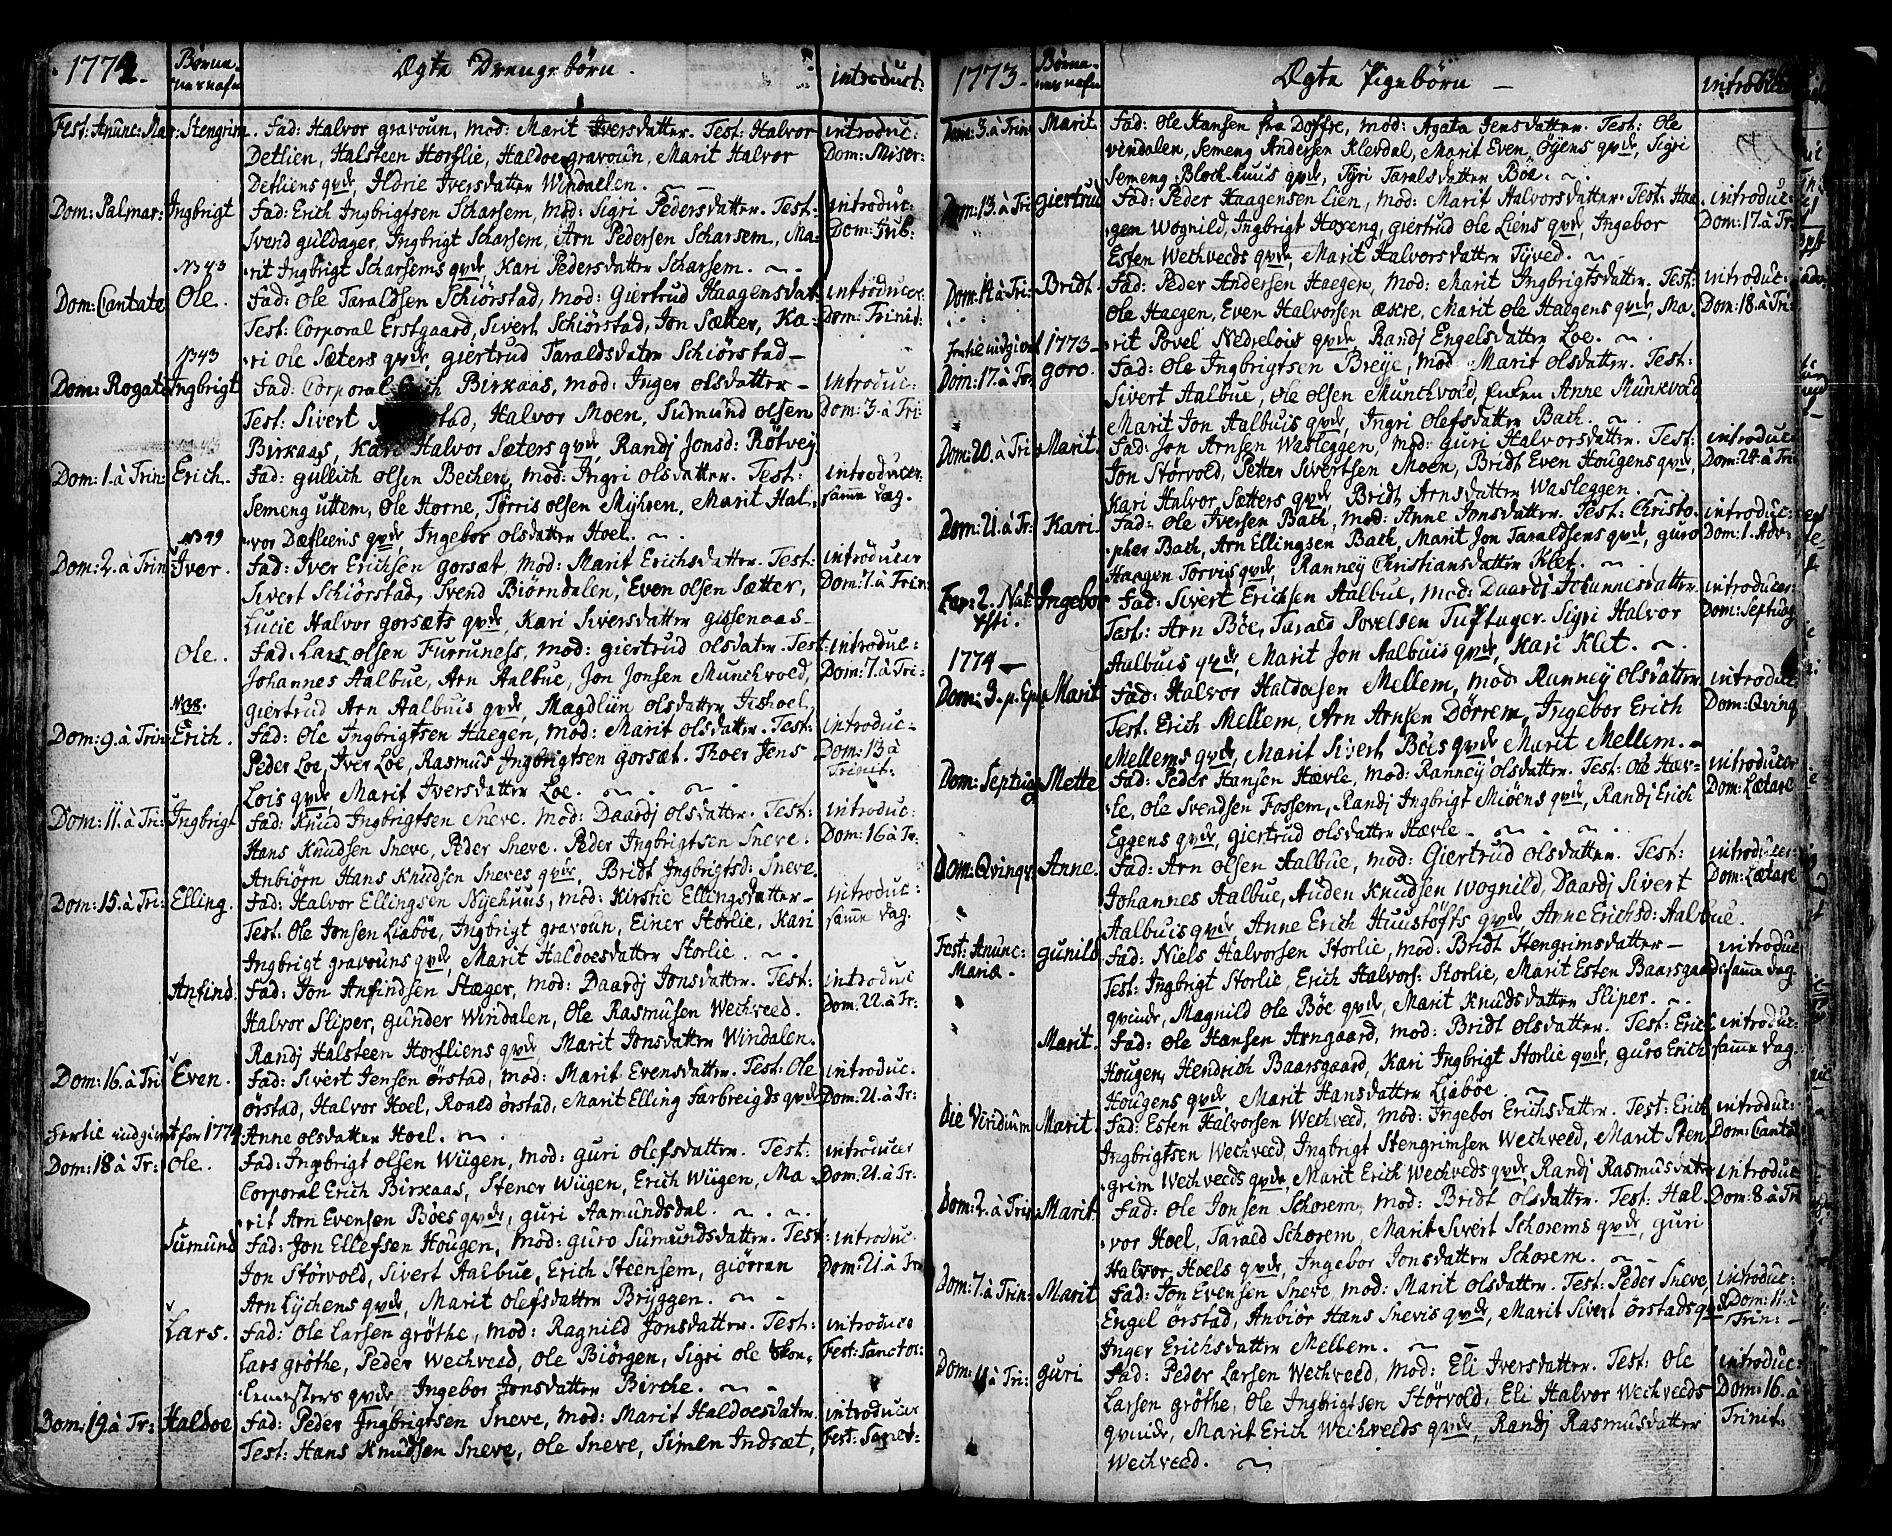 SAT, Ministerialprotokoller, klokkerbøker og fødselsregistre - Sør-Trøndelag, 678/L0891: Ministerialbok nr. 678A01, 1739-1780, s. 136